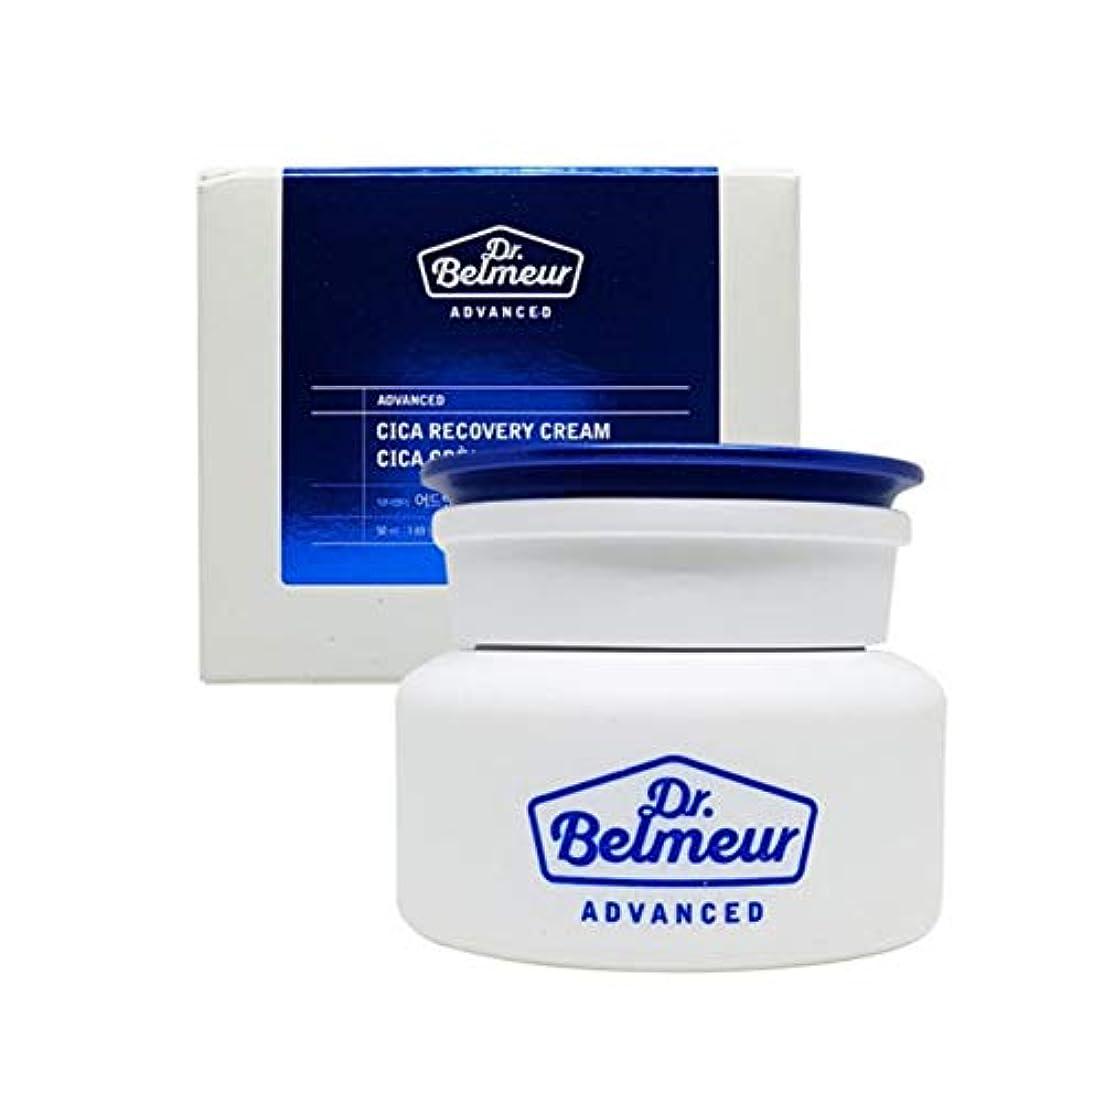 リブソーシャル昼間ザ?フェイスショップドクターベルモアドバンスドシカリカバリークリーム50ml 韓国コスメ、The Face Shop Dr.Belmeur Advanced Cica Recovery Cream 50ml Korean...